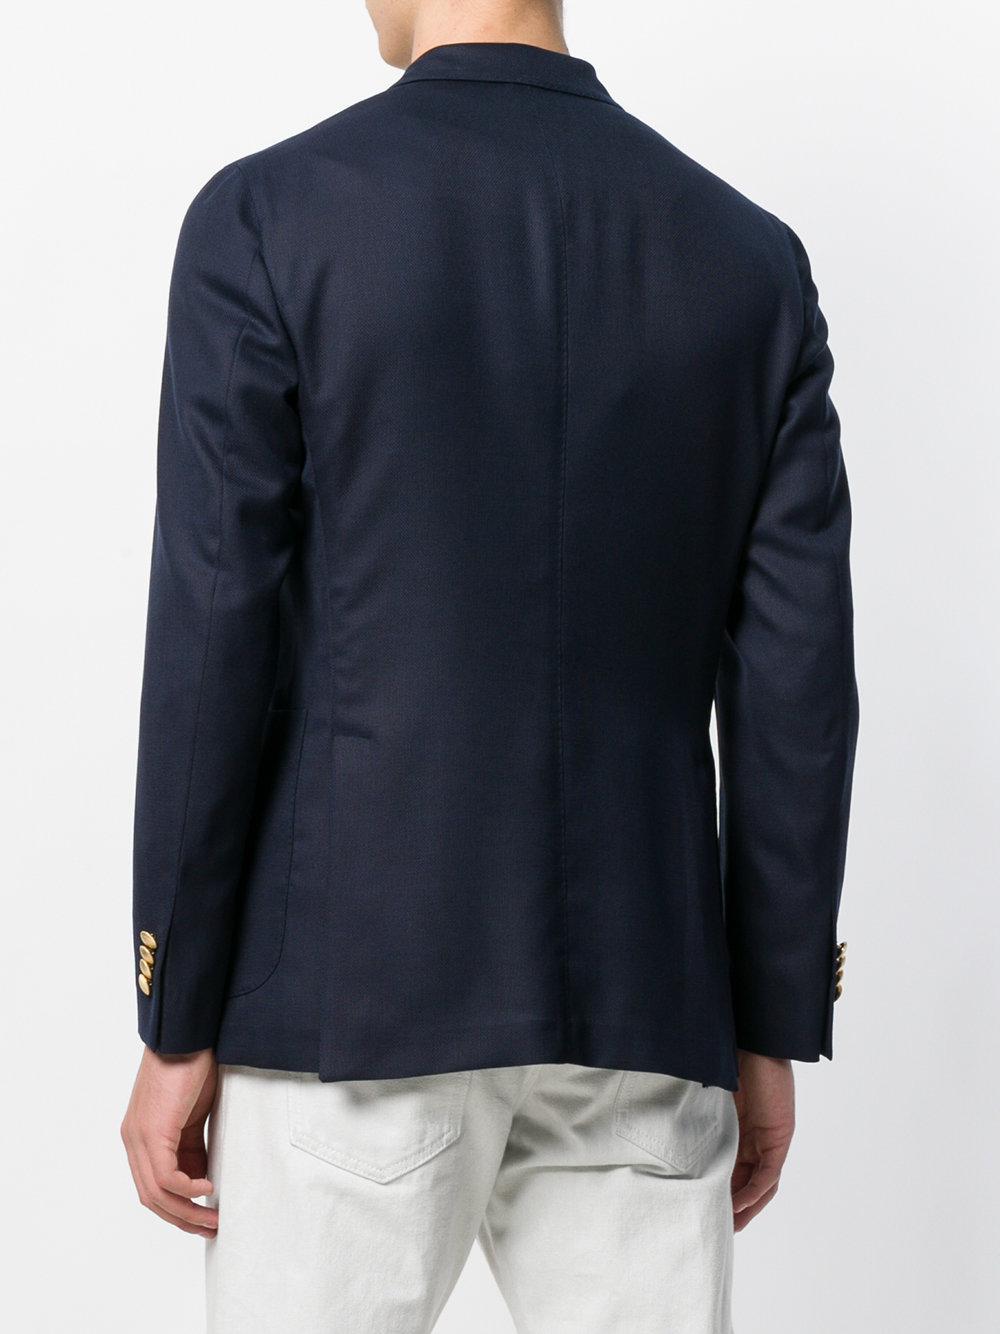 Boglioli Wool Double Breasted Blazer in Blue for Men